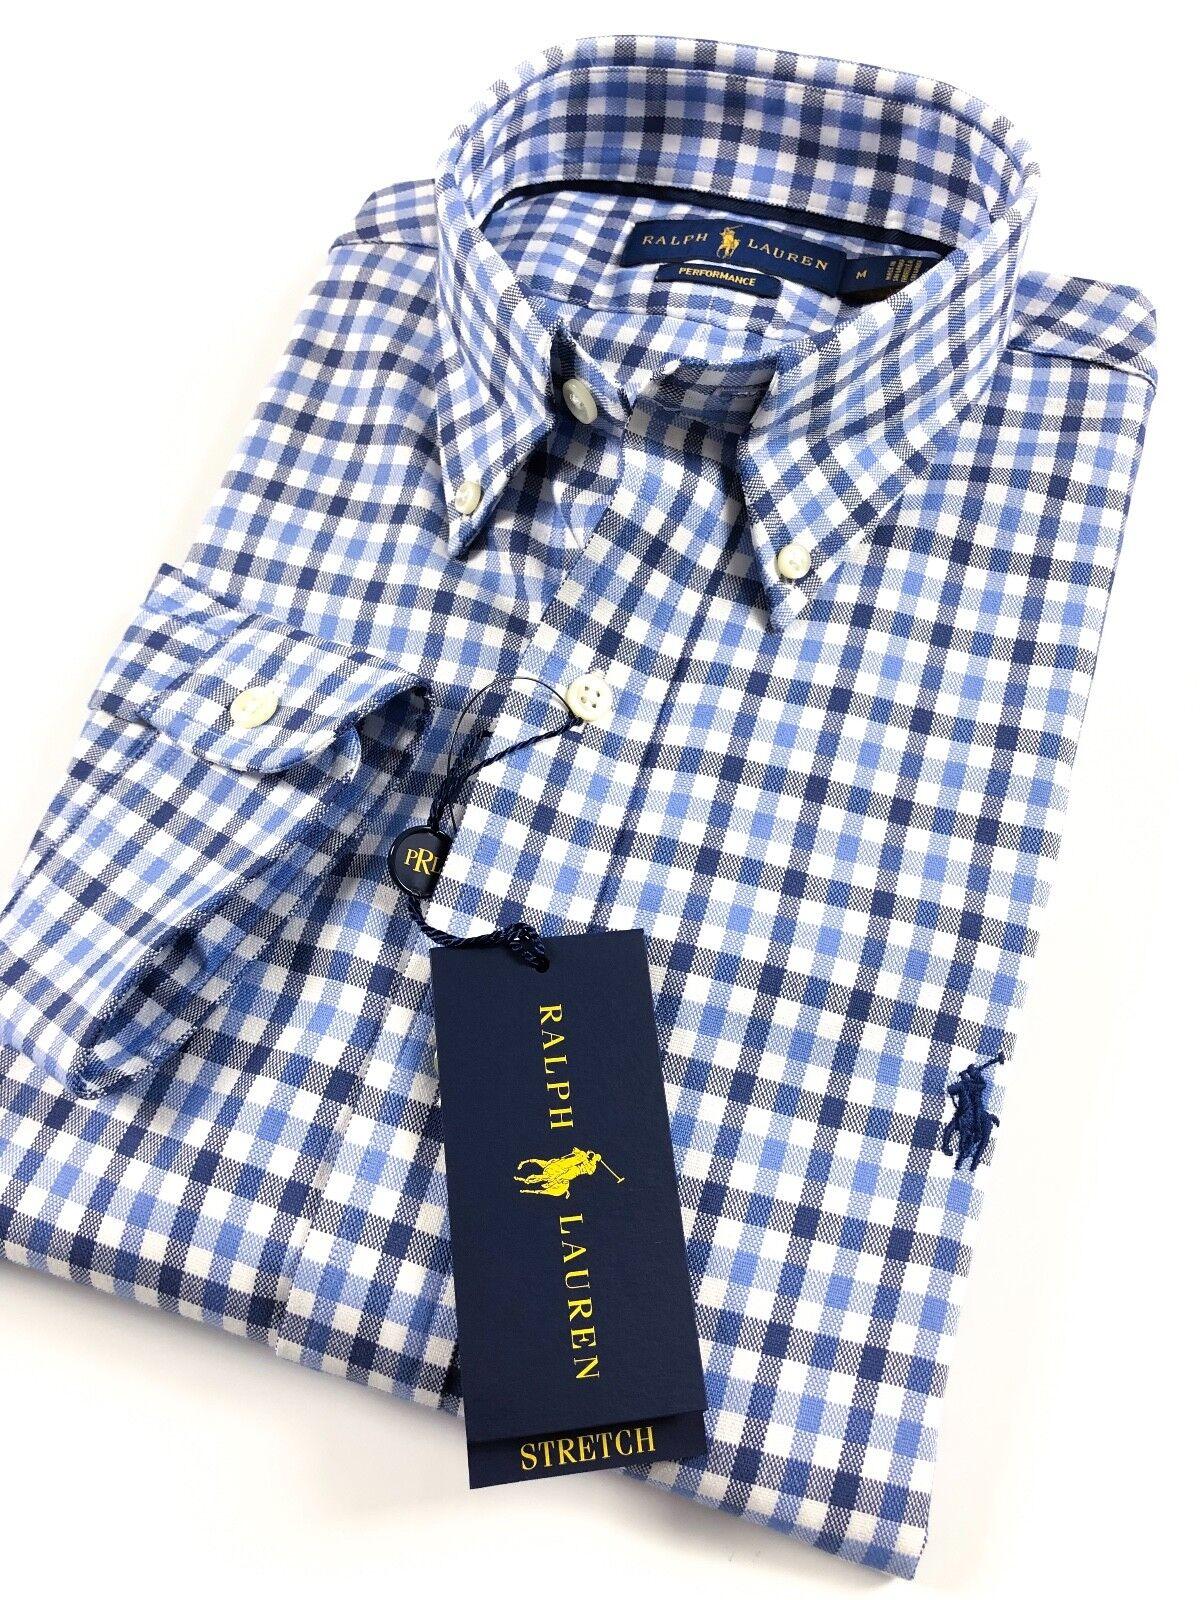 Ralph Lauren Shirt Men's Performance Oxford bluee Gingham Standard Fit RRP